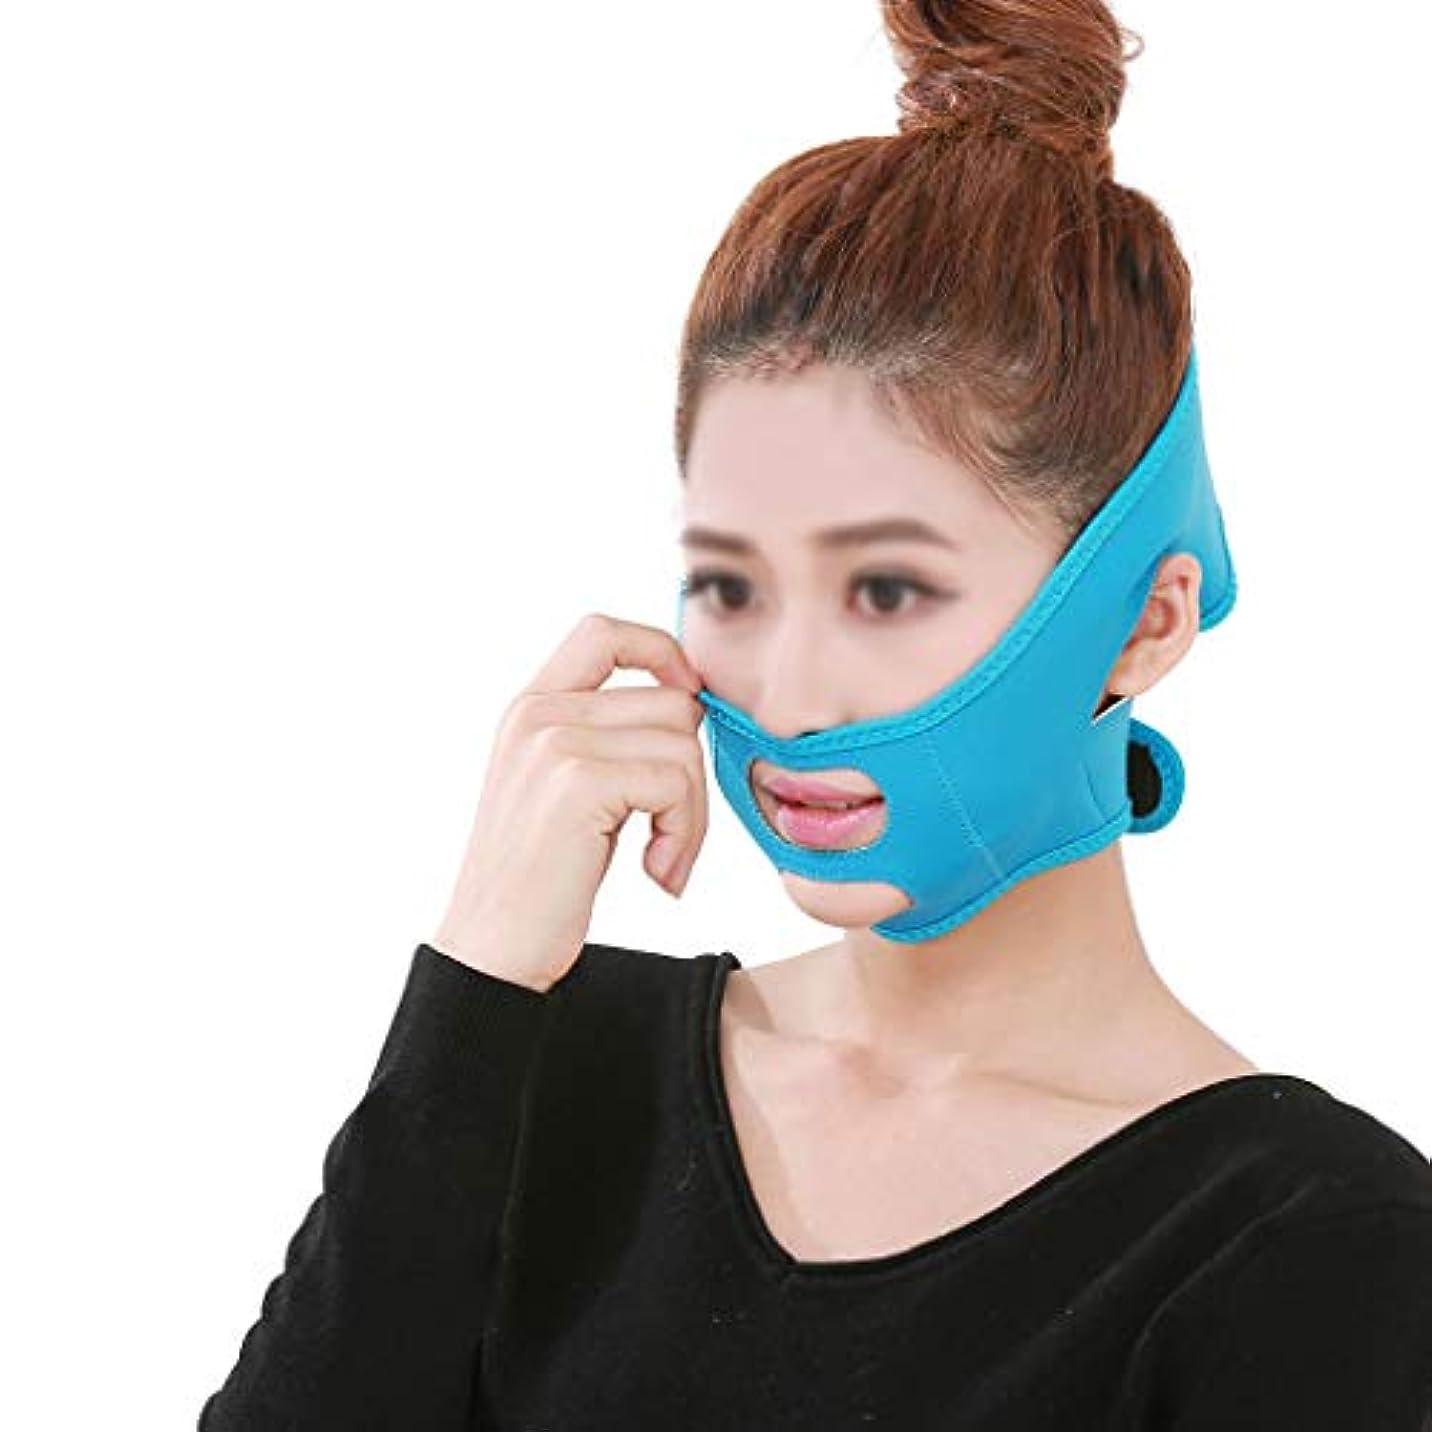 それら干し草重量GLJJQMY 顔の顔のマスク小さなV顔包帯薄い顔のアーティファクトは、二重顎リフト肌を減らす 顔用整形マスク